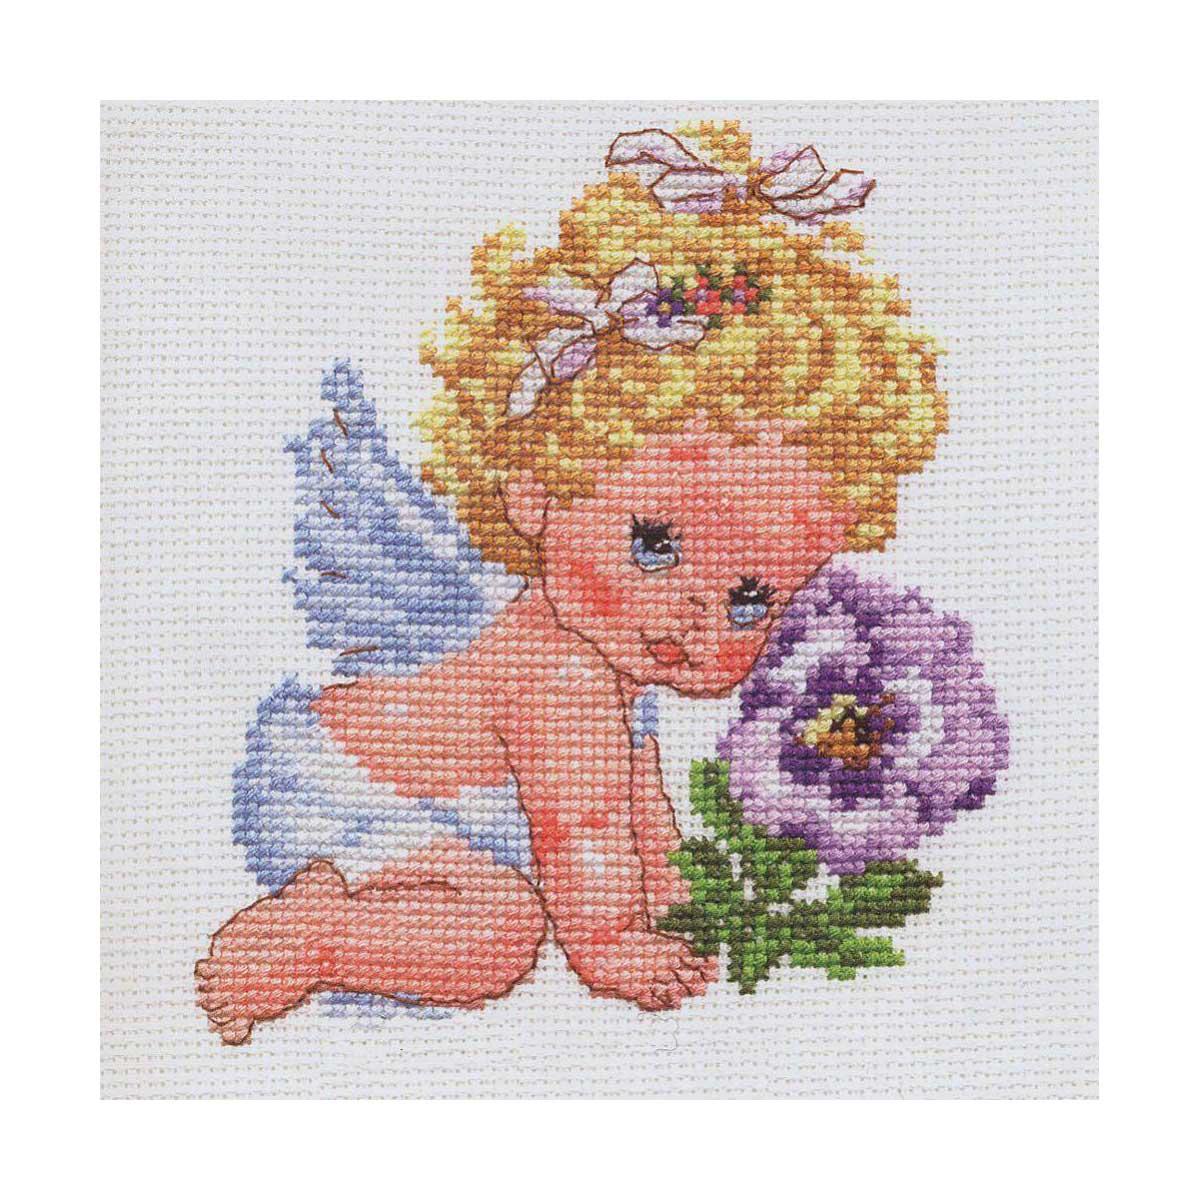 0-14 Набор для вышивания АЛИСА 'Ангелок счастья' 12*14см